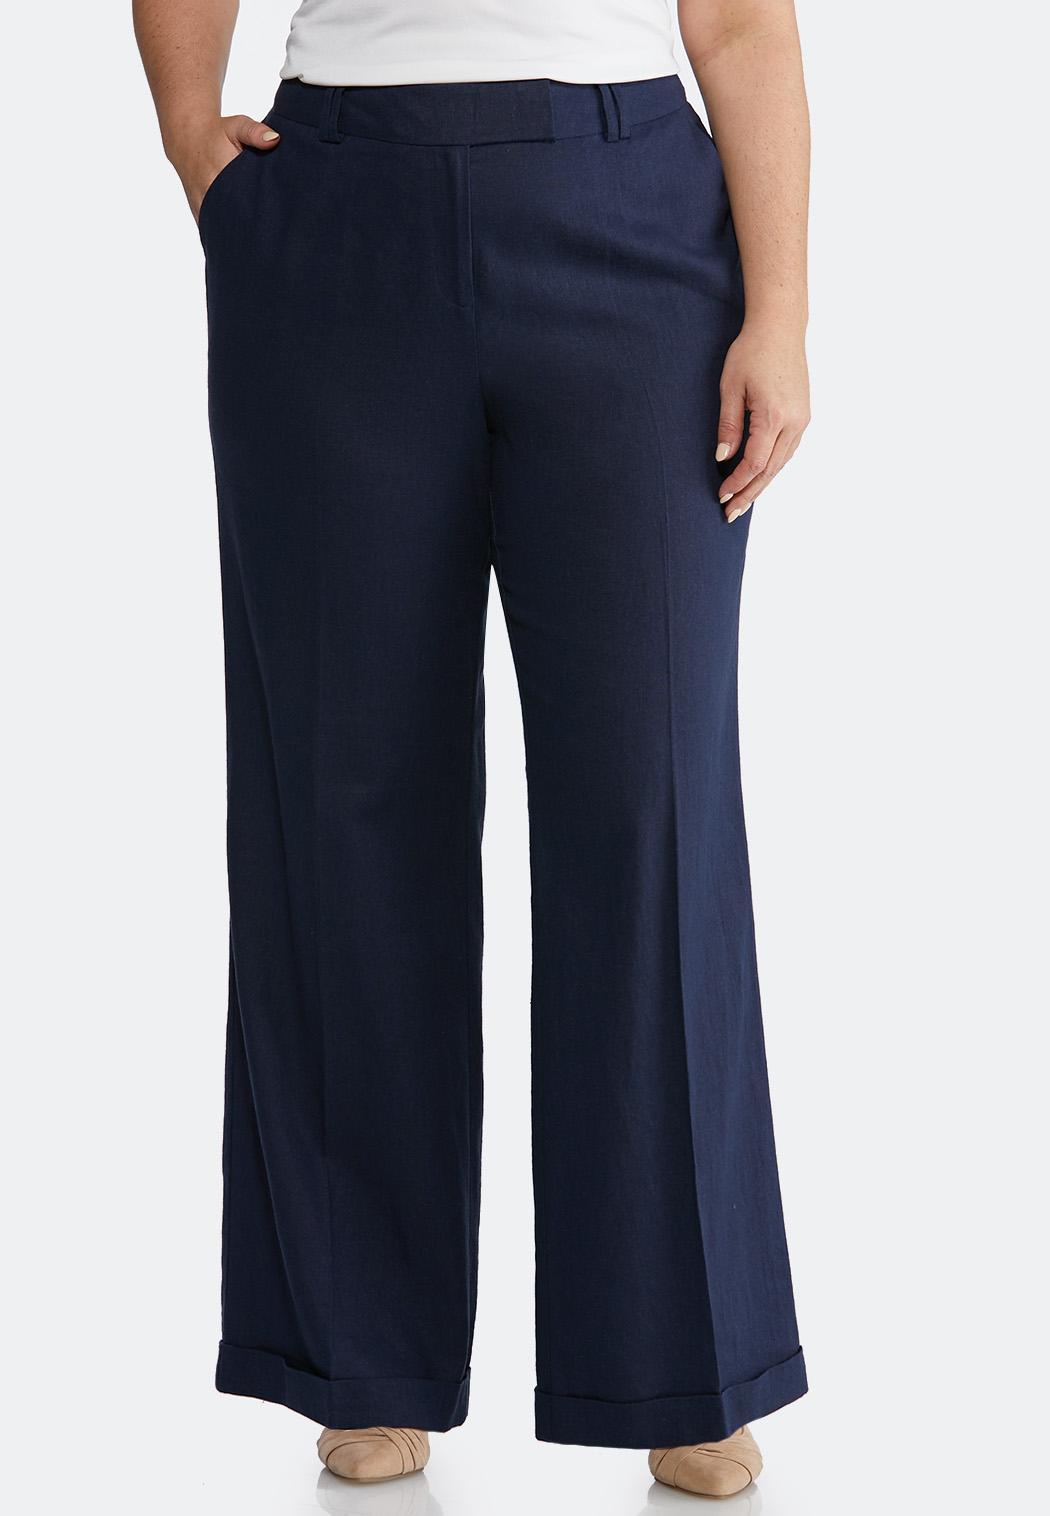 b0b9995a001 Women s Plus Size Trousers